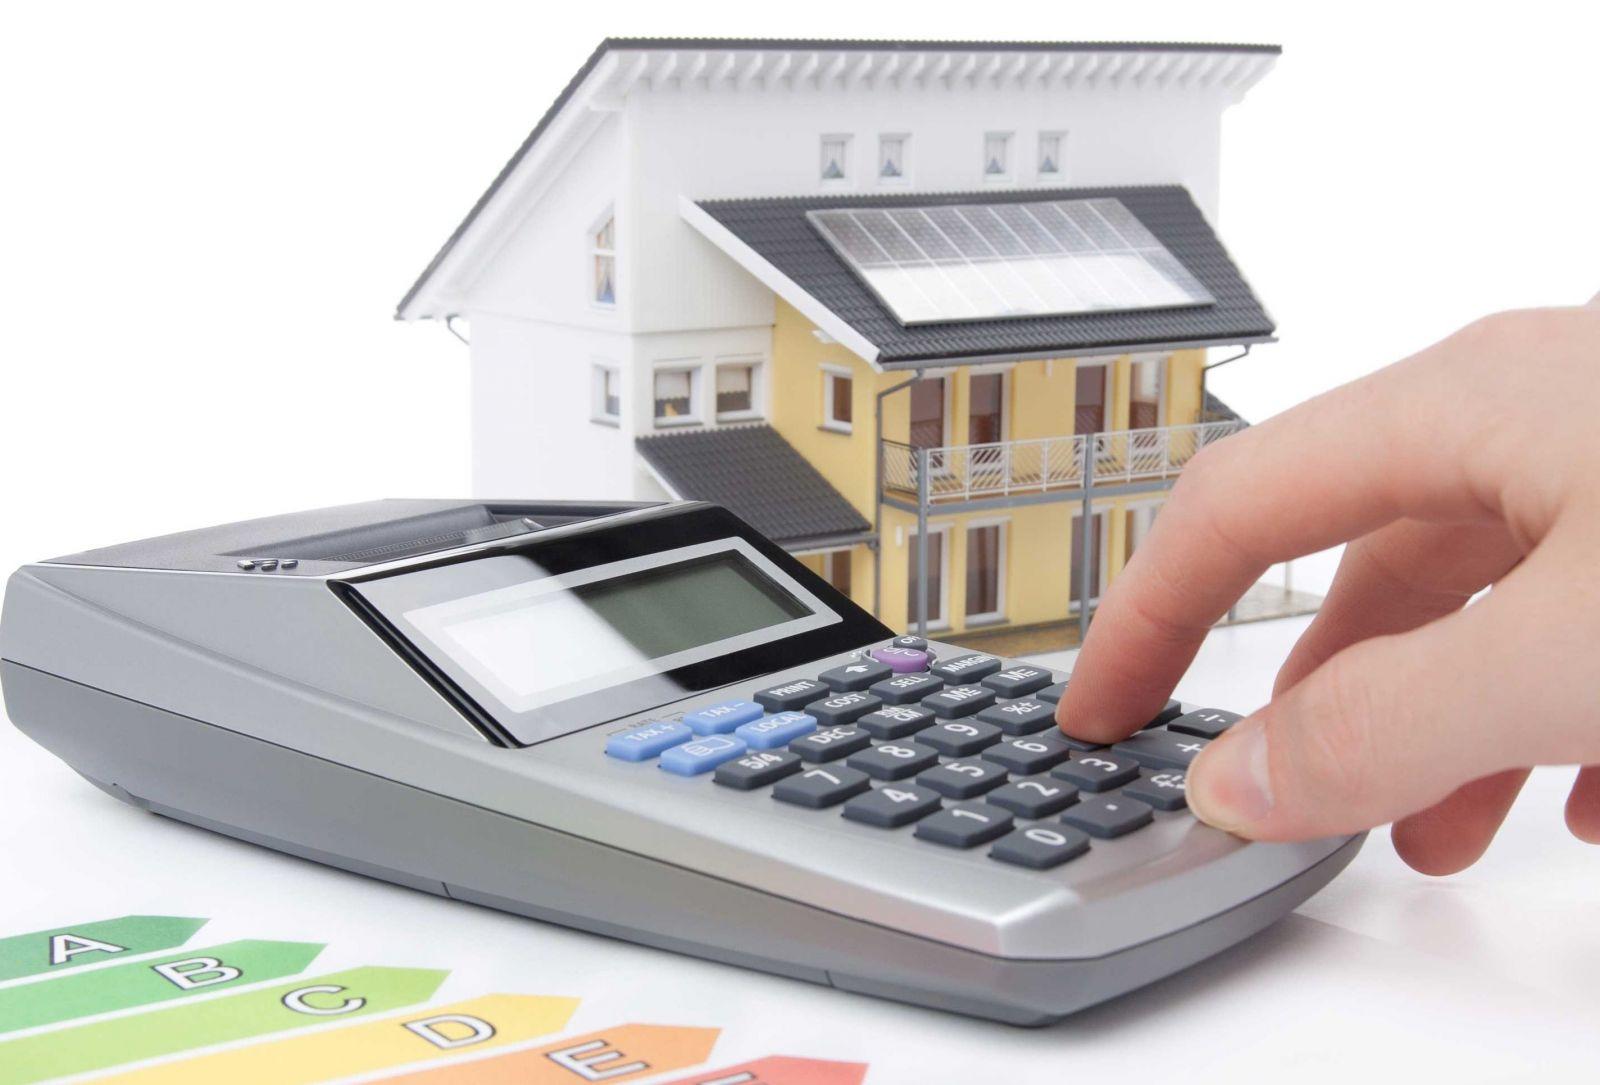 Структура и функции системы массовой оценки недвижимости